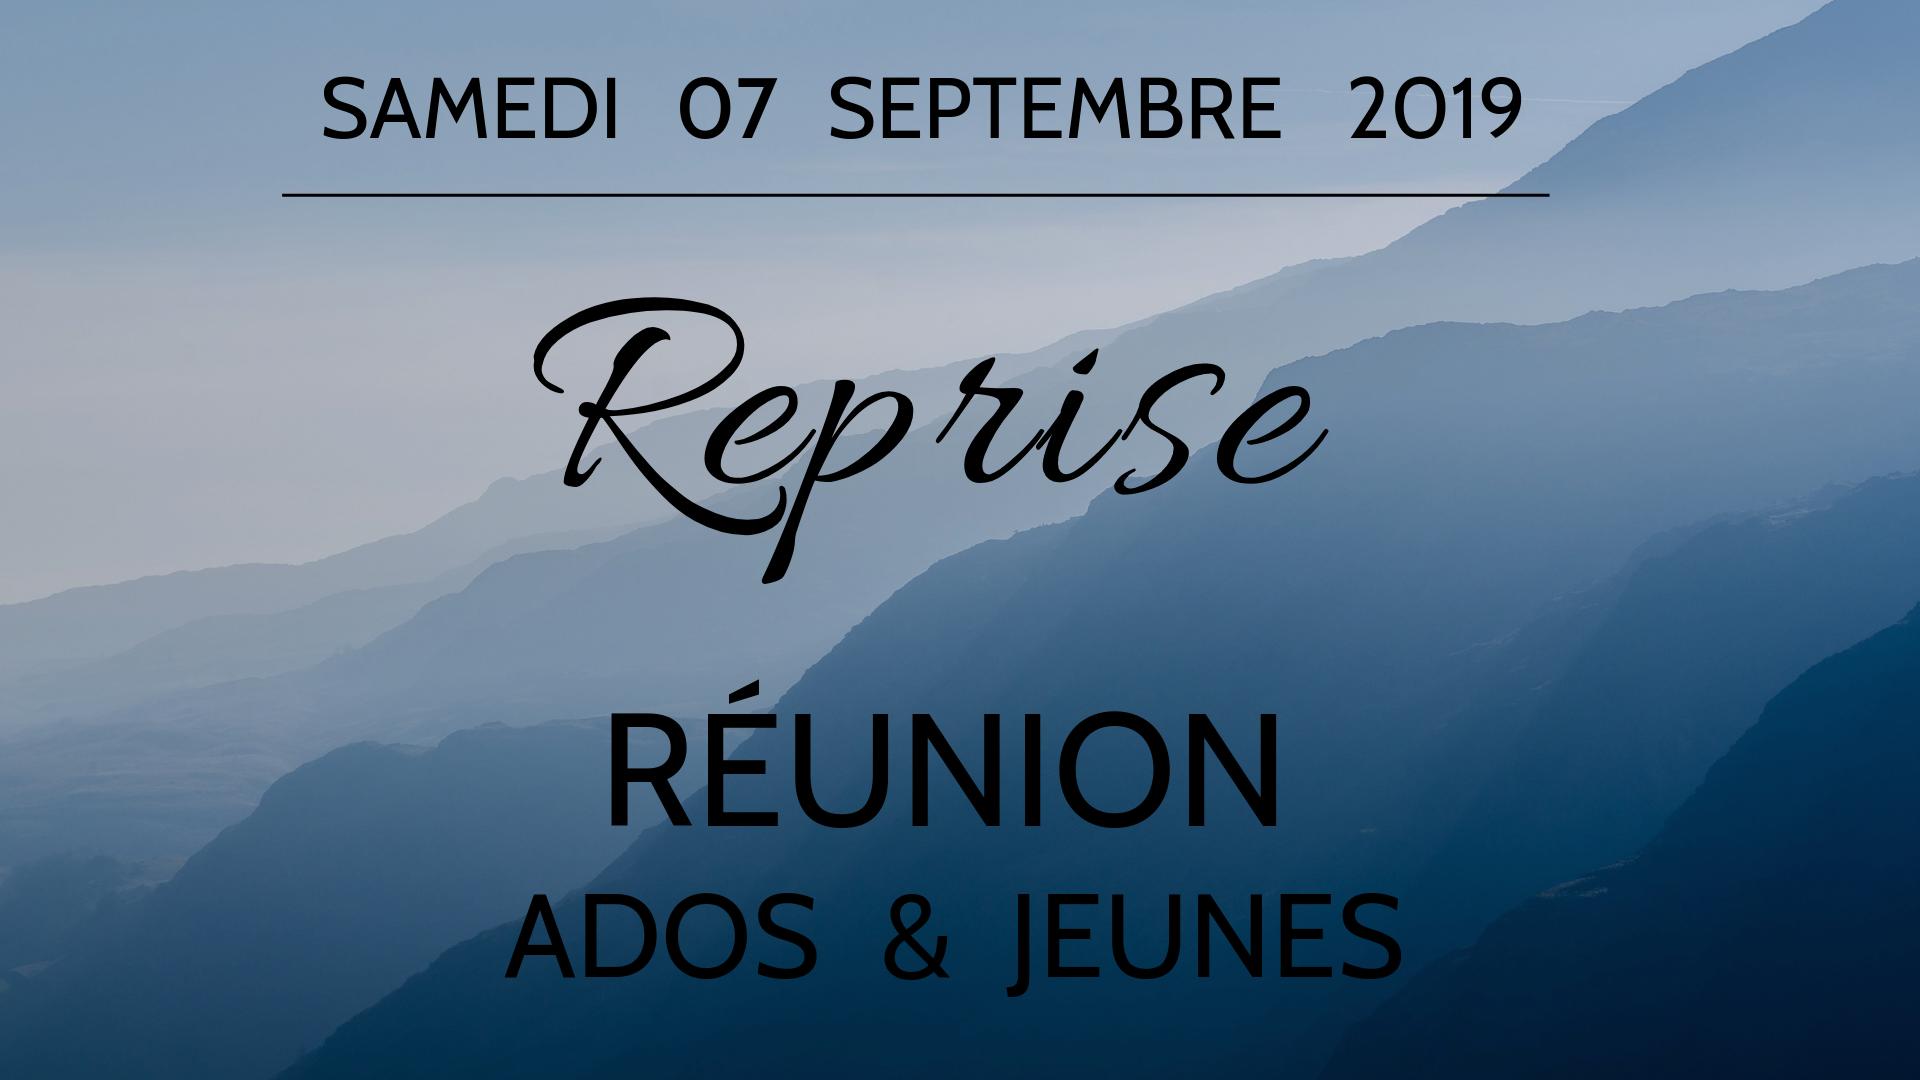 http://eglise.espoir-vie.fr/wp-content/uploads/2019/08/Reprise.png